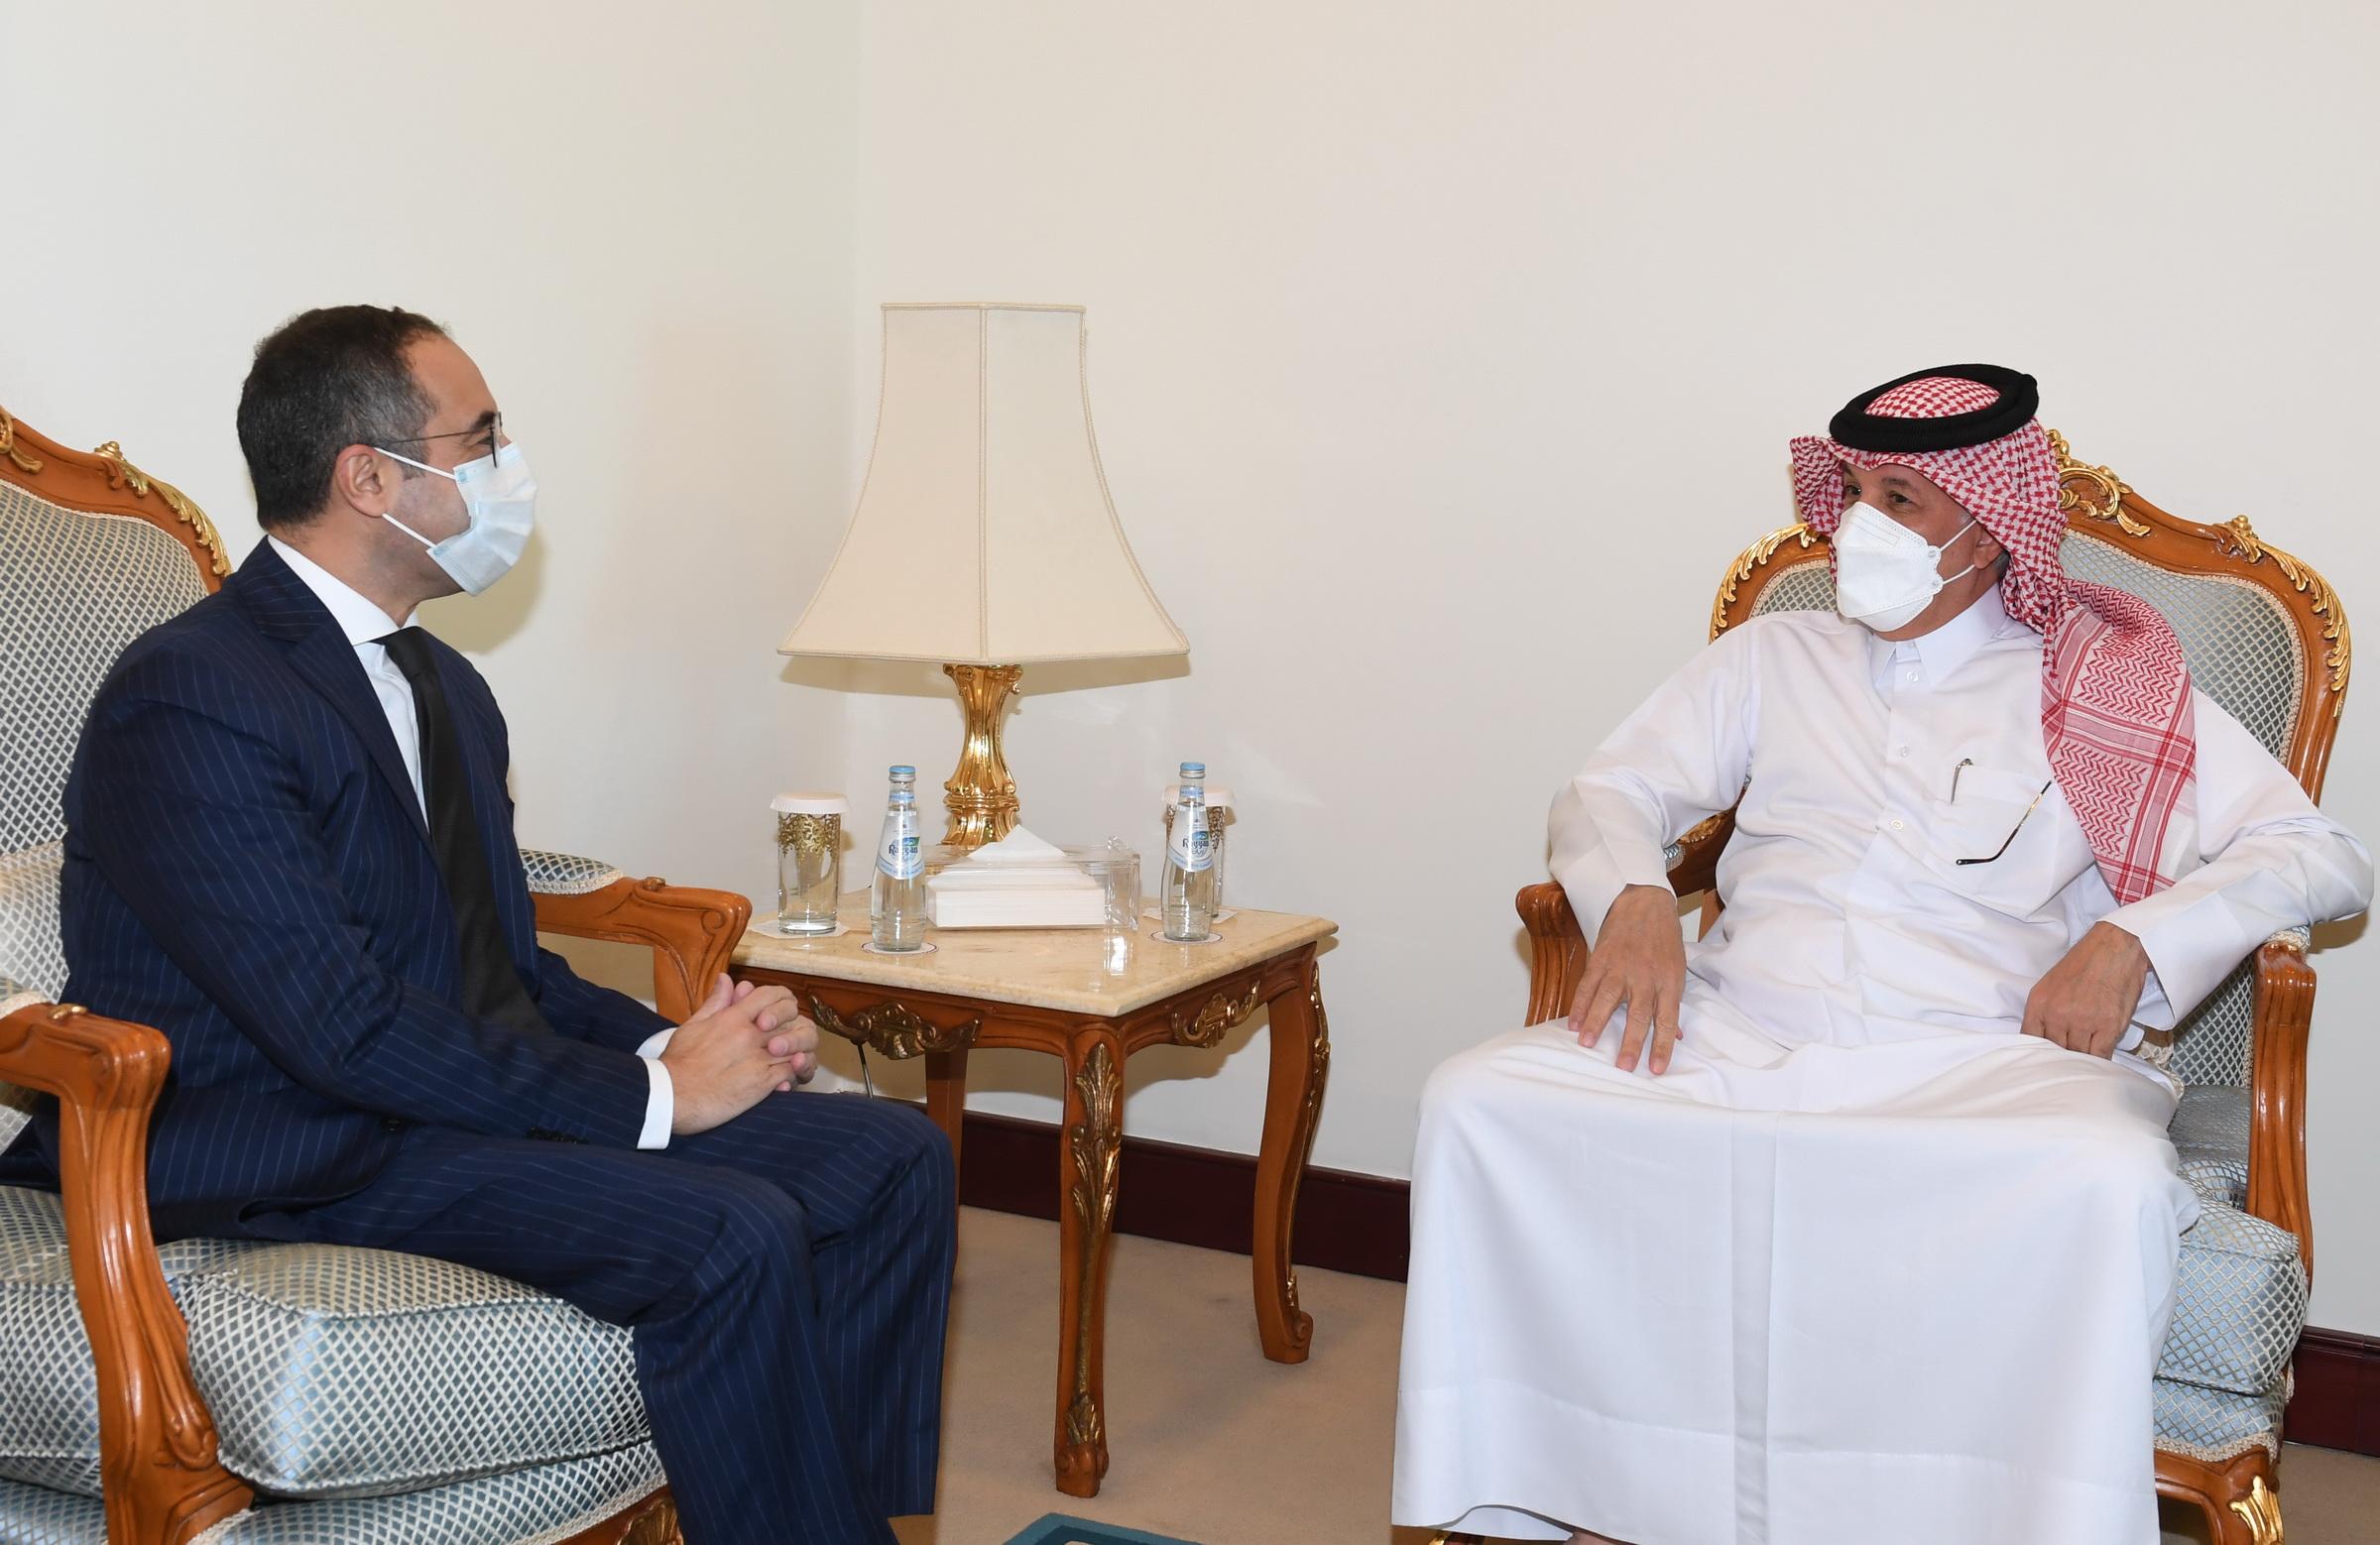 وزير الدولة للشؤون الخارجية يجتمع مع السفير المصري